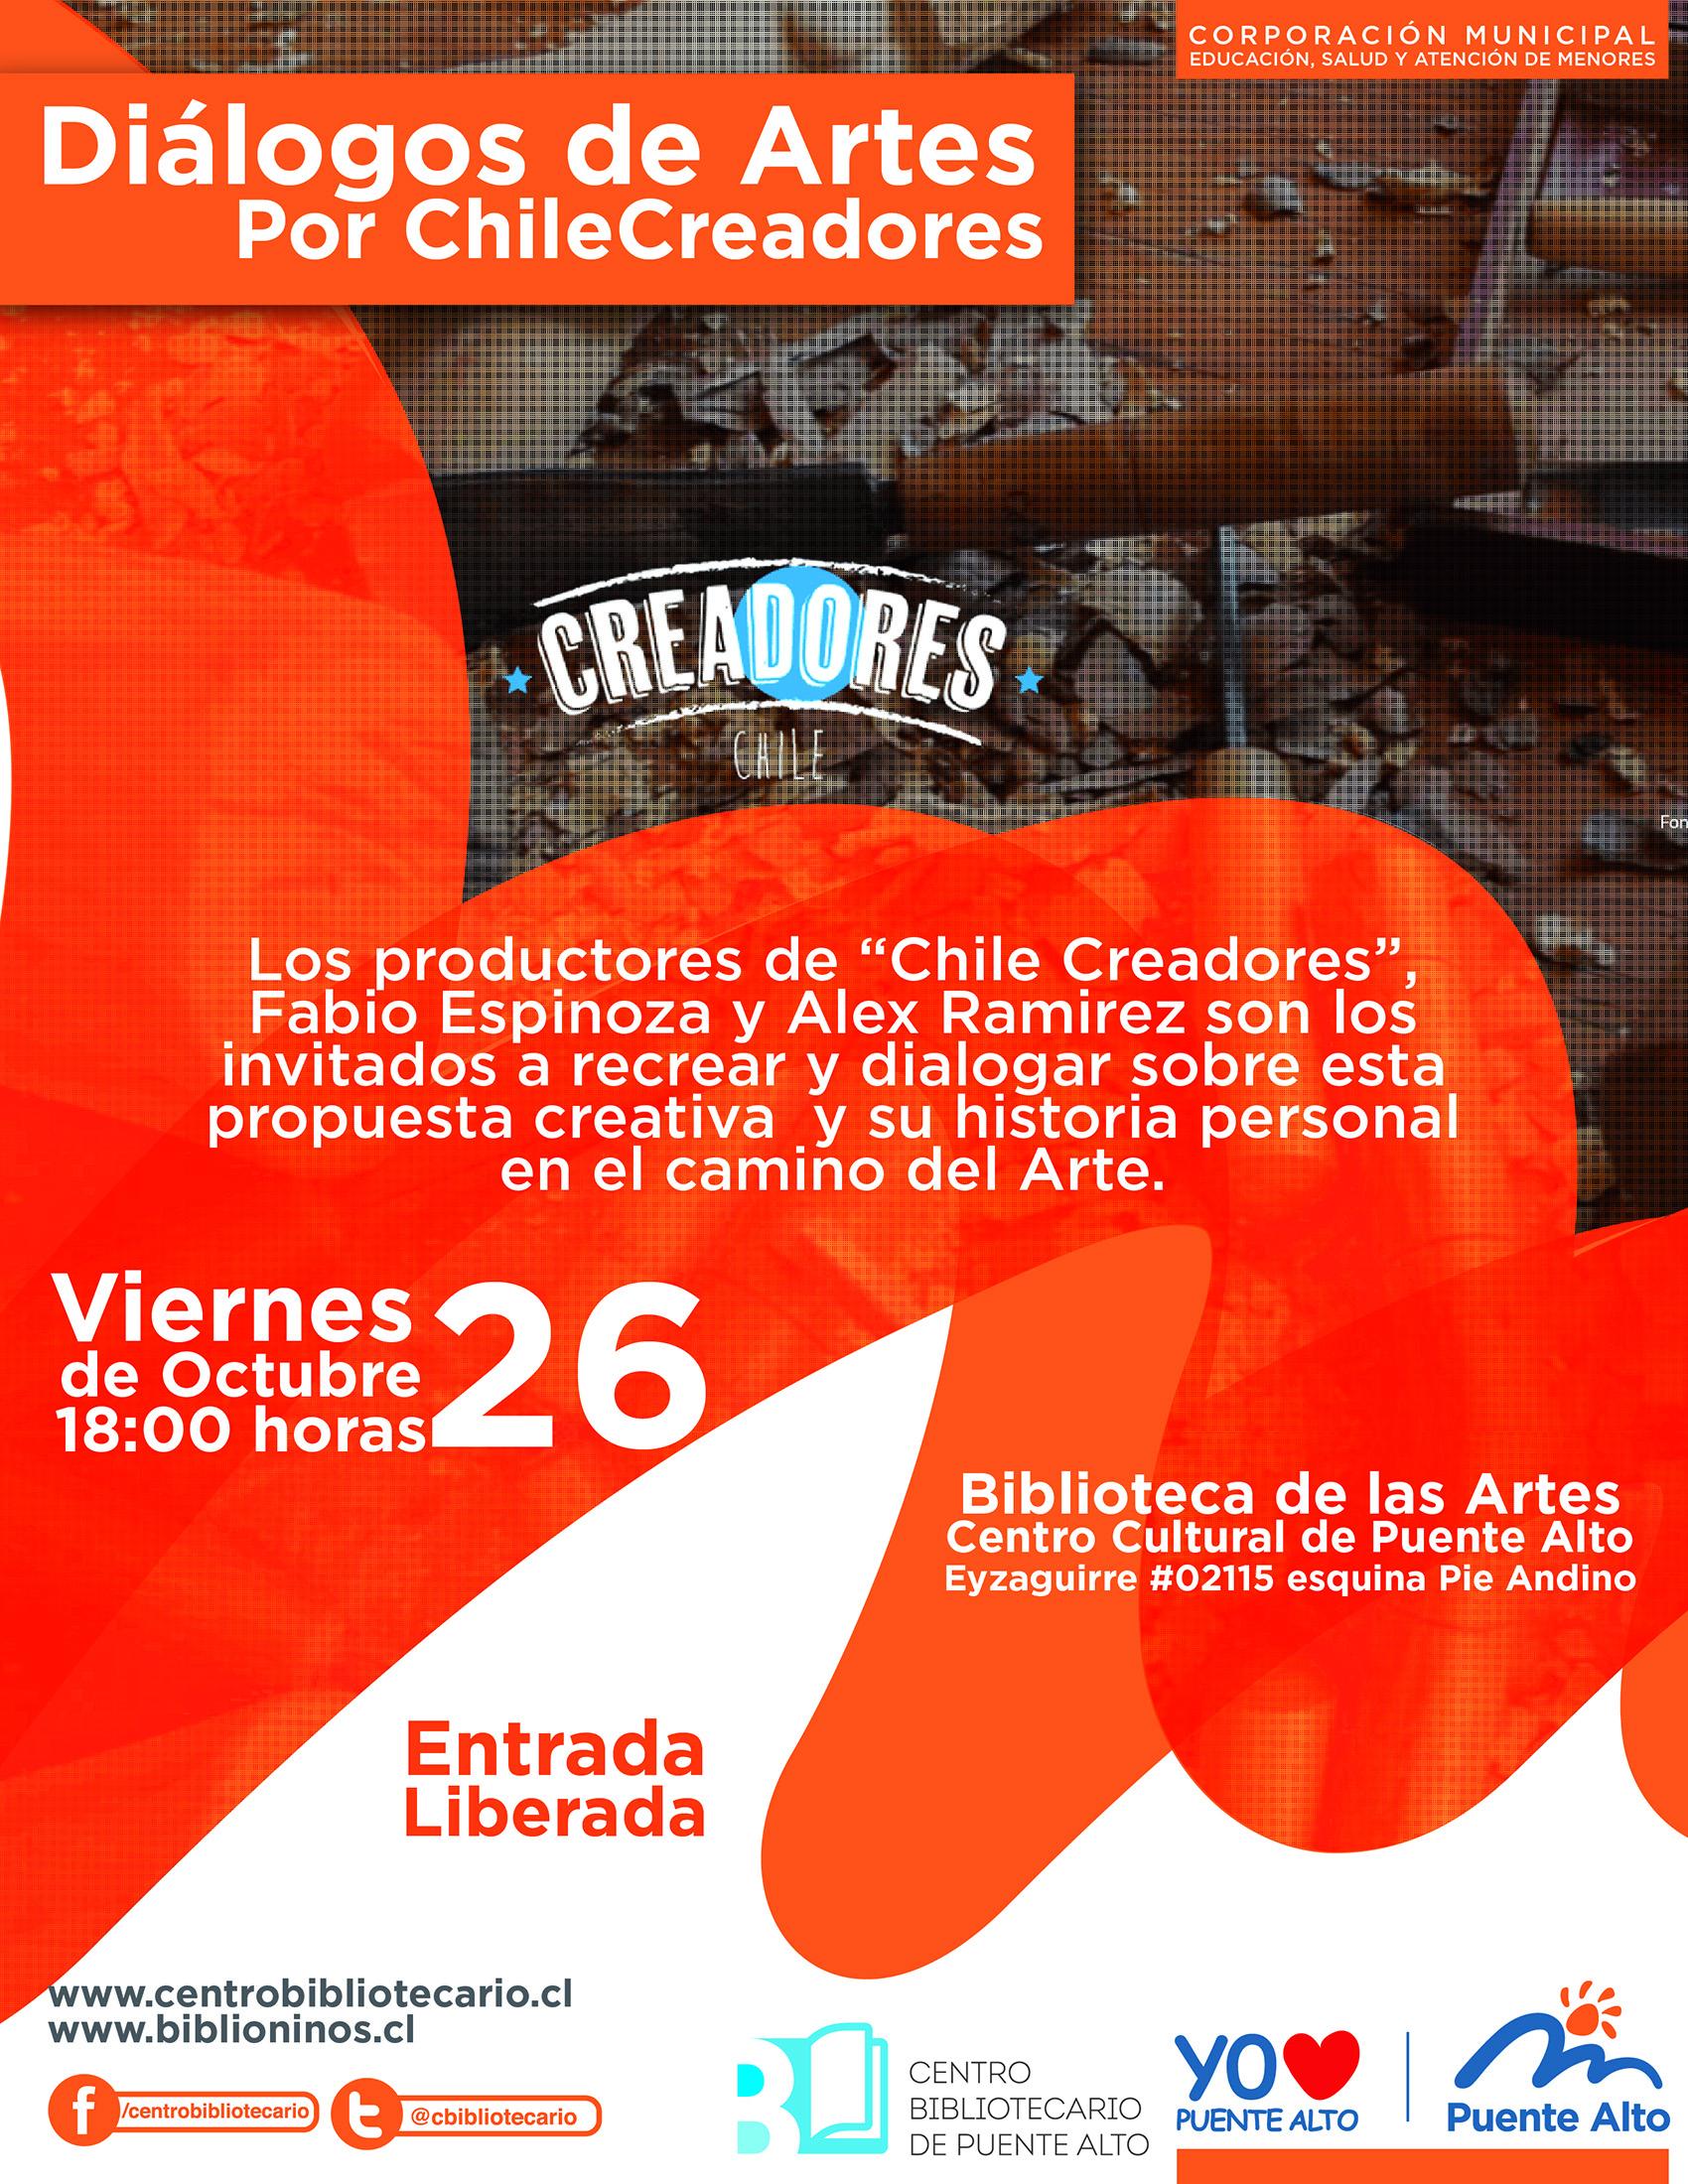 Nuevo Diálogo de Artes en Biblioteca Centro Cultural